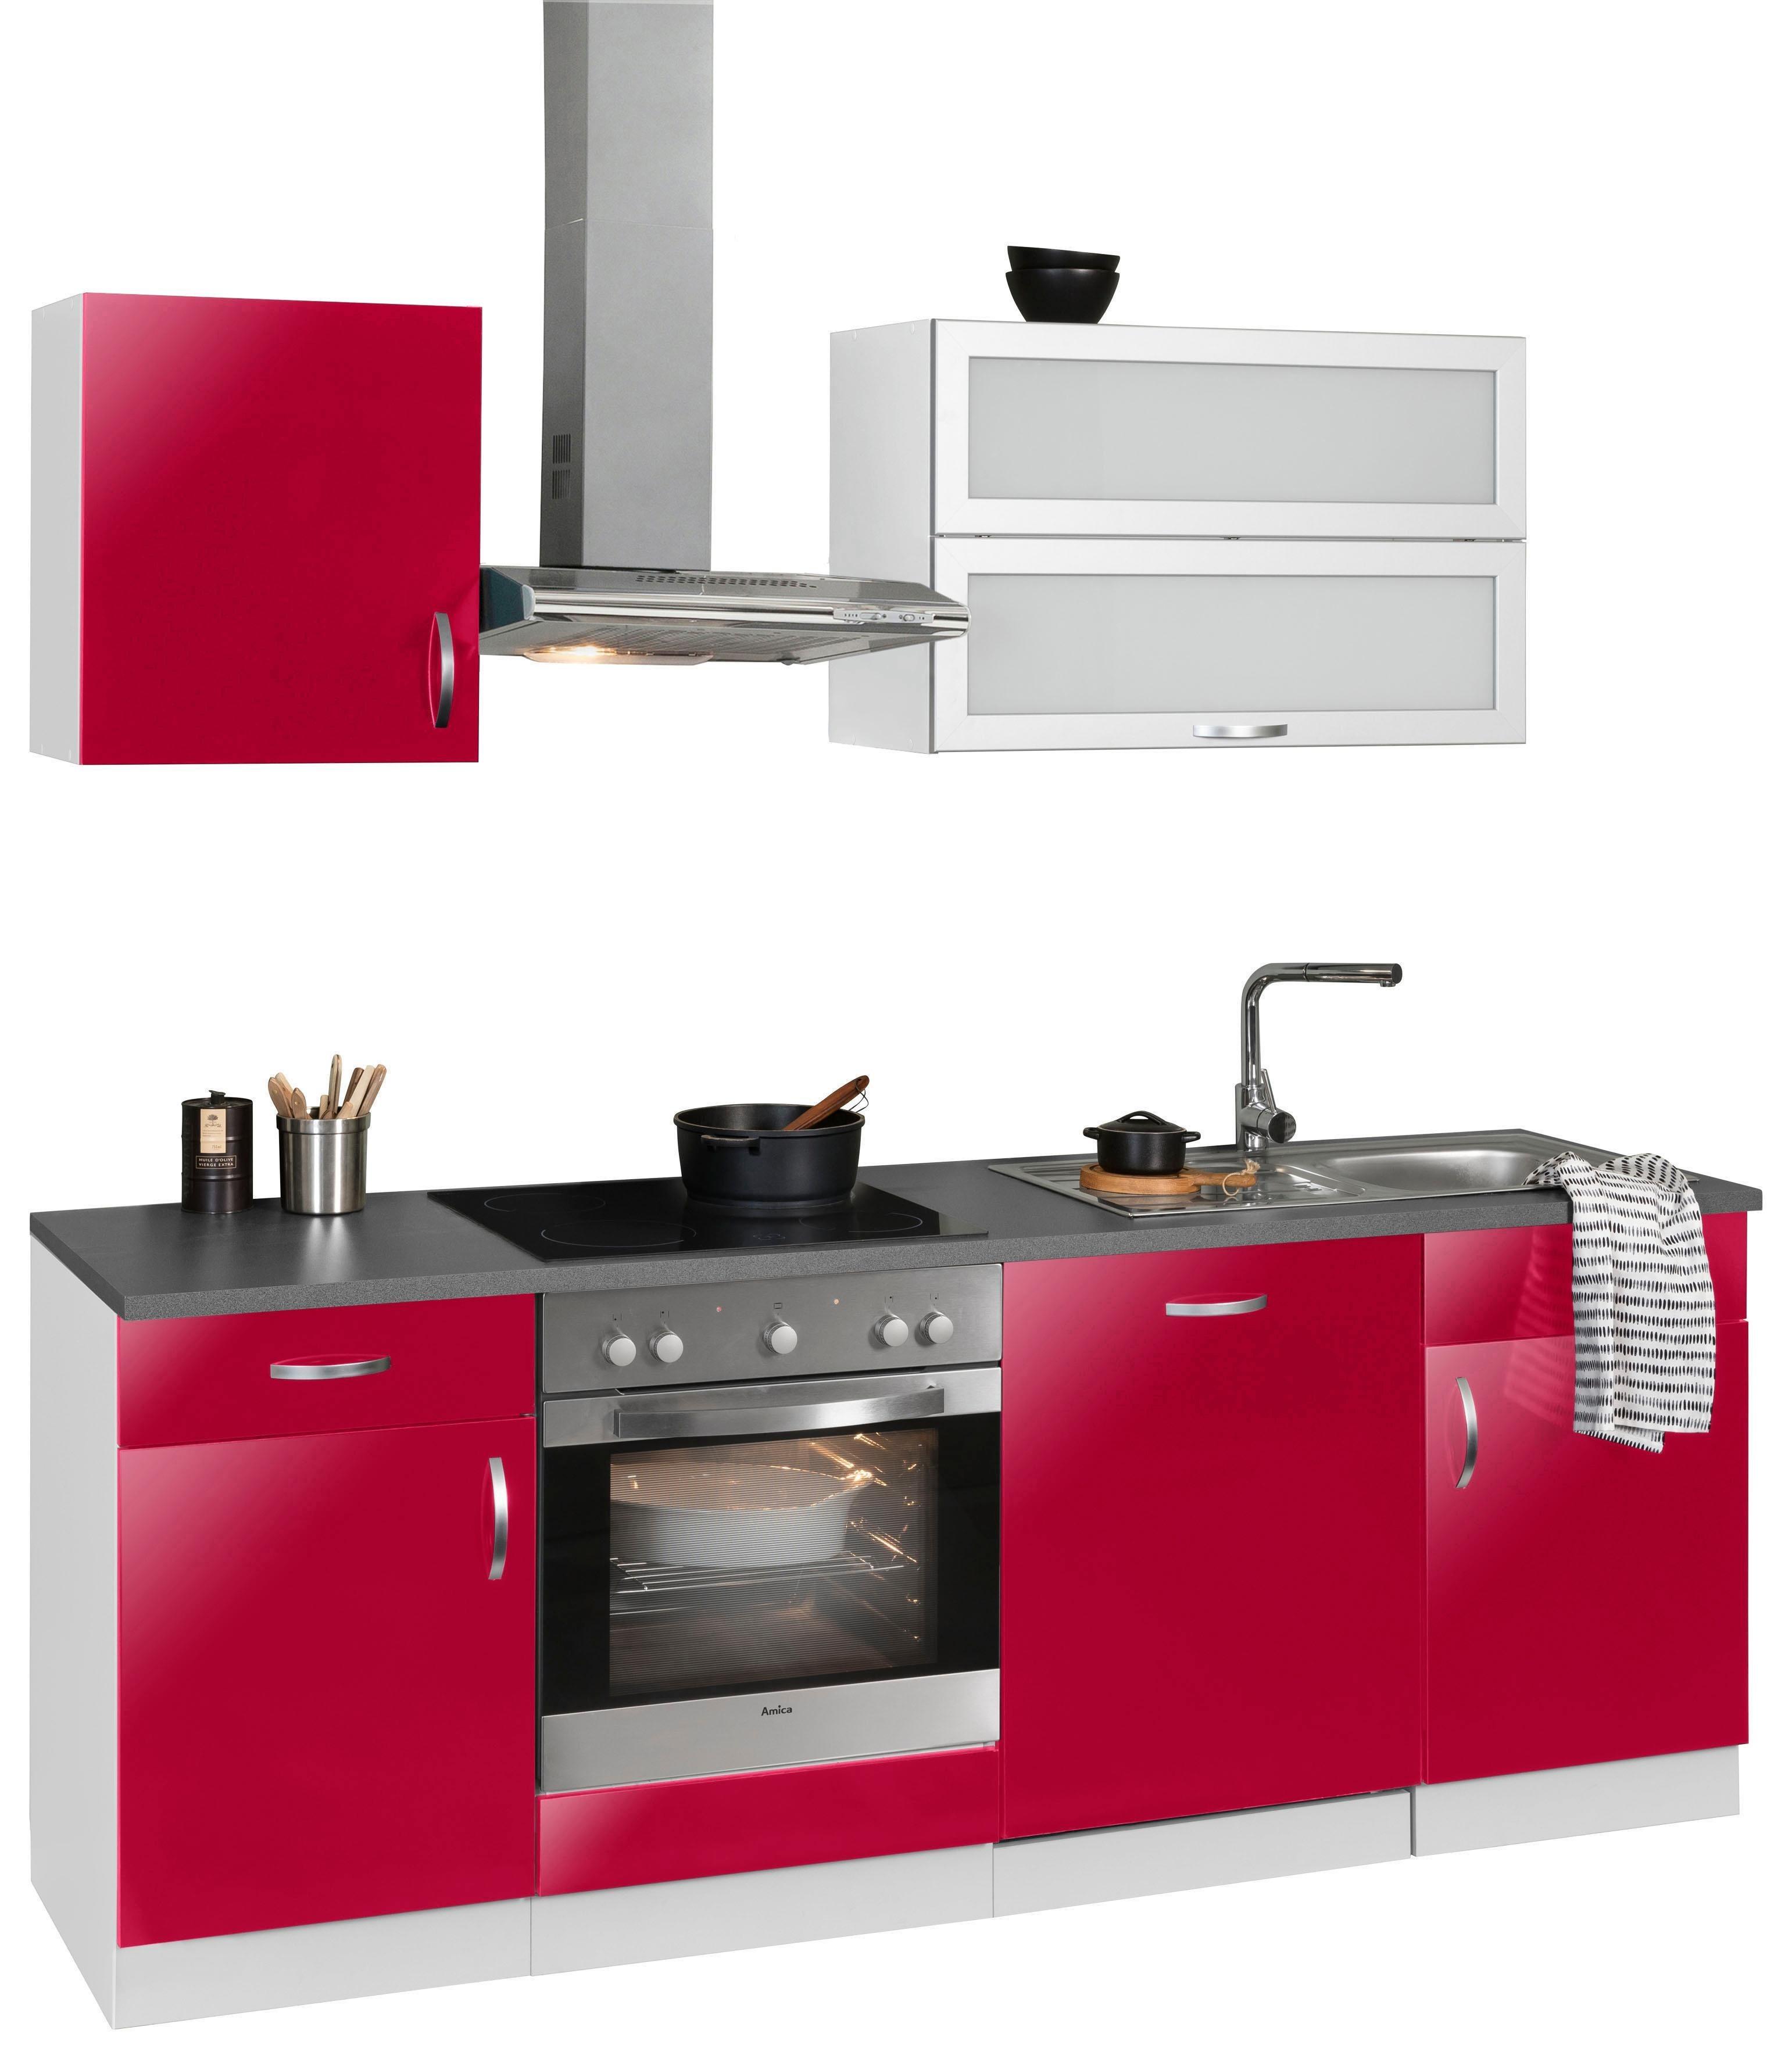 lila Küchenzeilen online kaufen   Möbel-Suchmaschine   ladendirekt.de